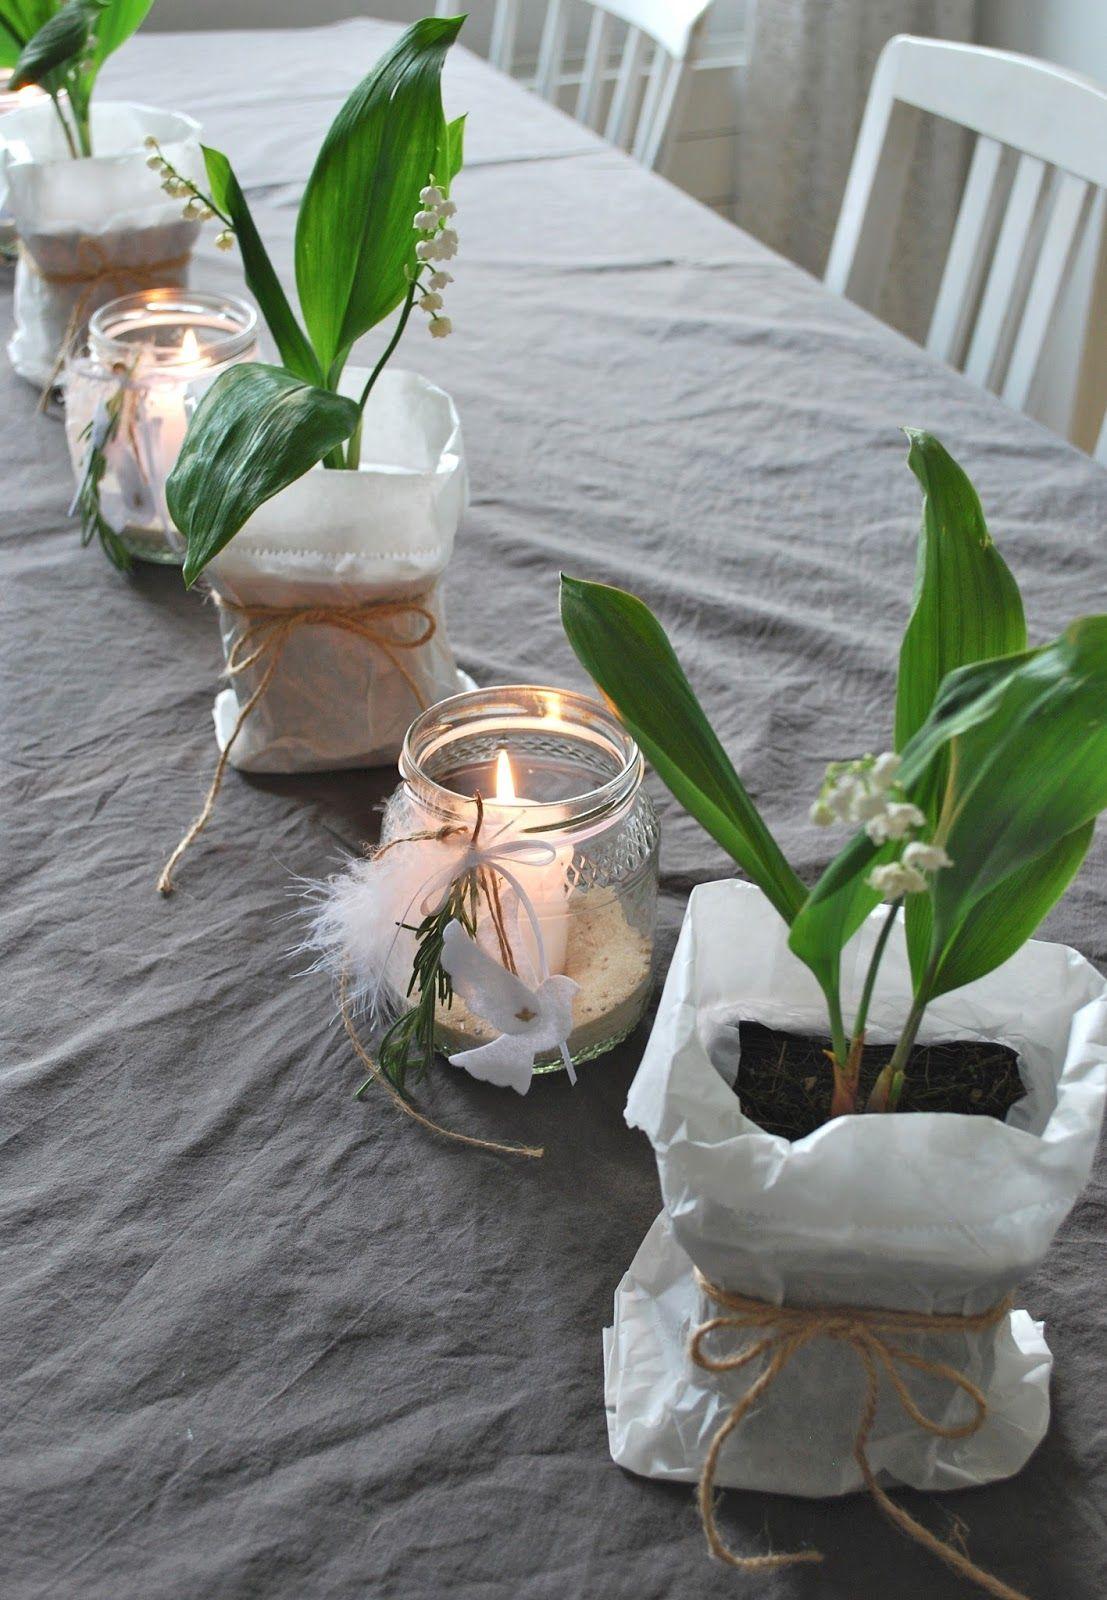 gestern feierten wir die konfirmation unserer tochter f rs essen im restaurant bastelten wir. Black Bedroom Furniture Sets. Home Design Ideas